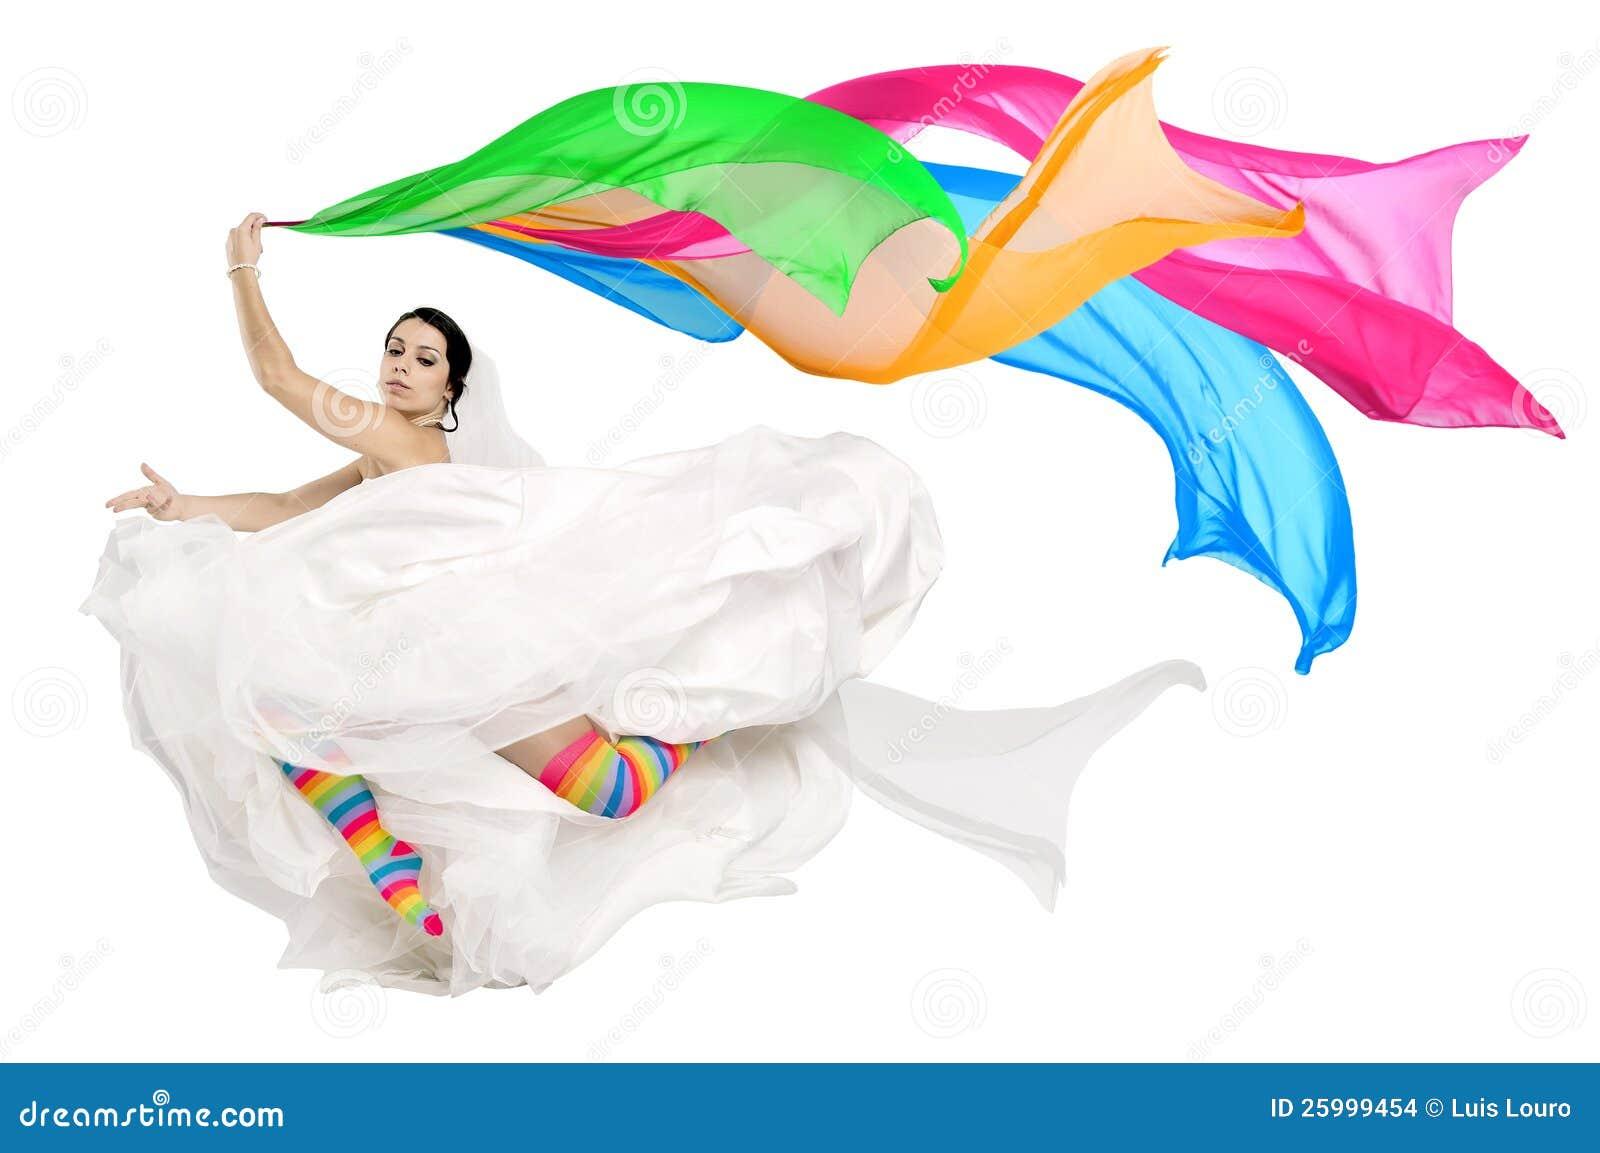 Happy fun bride